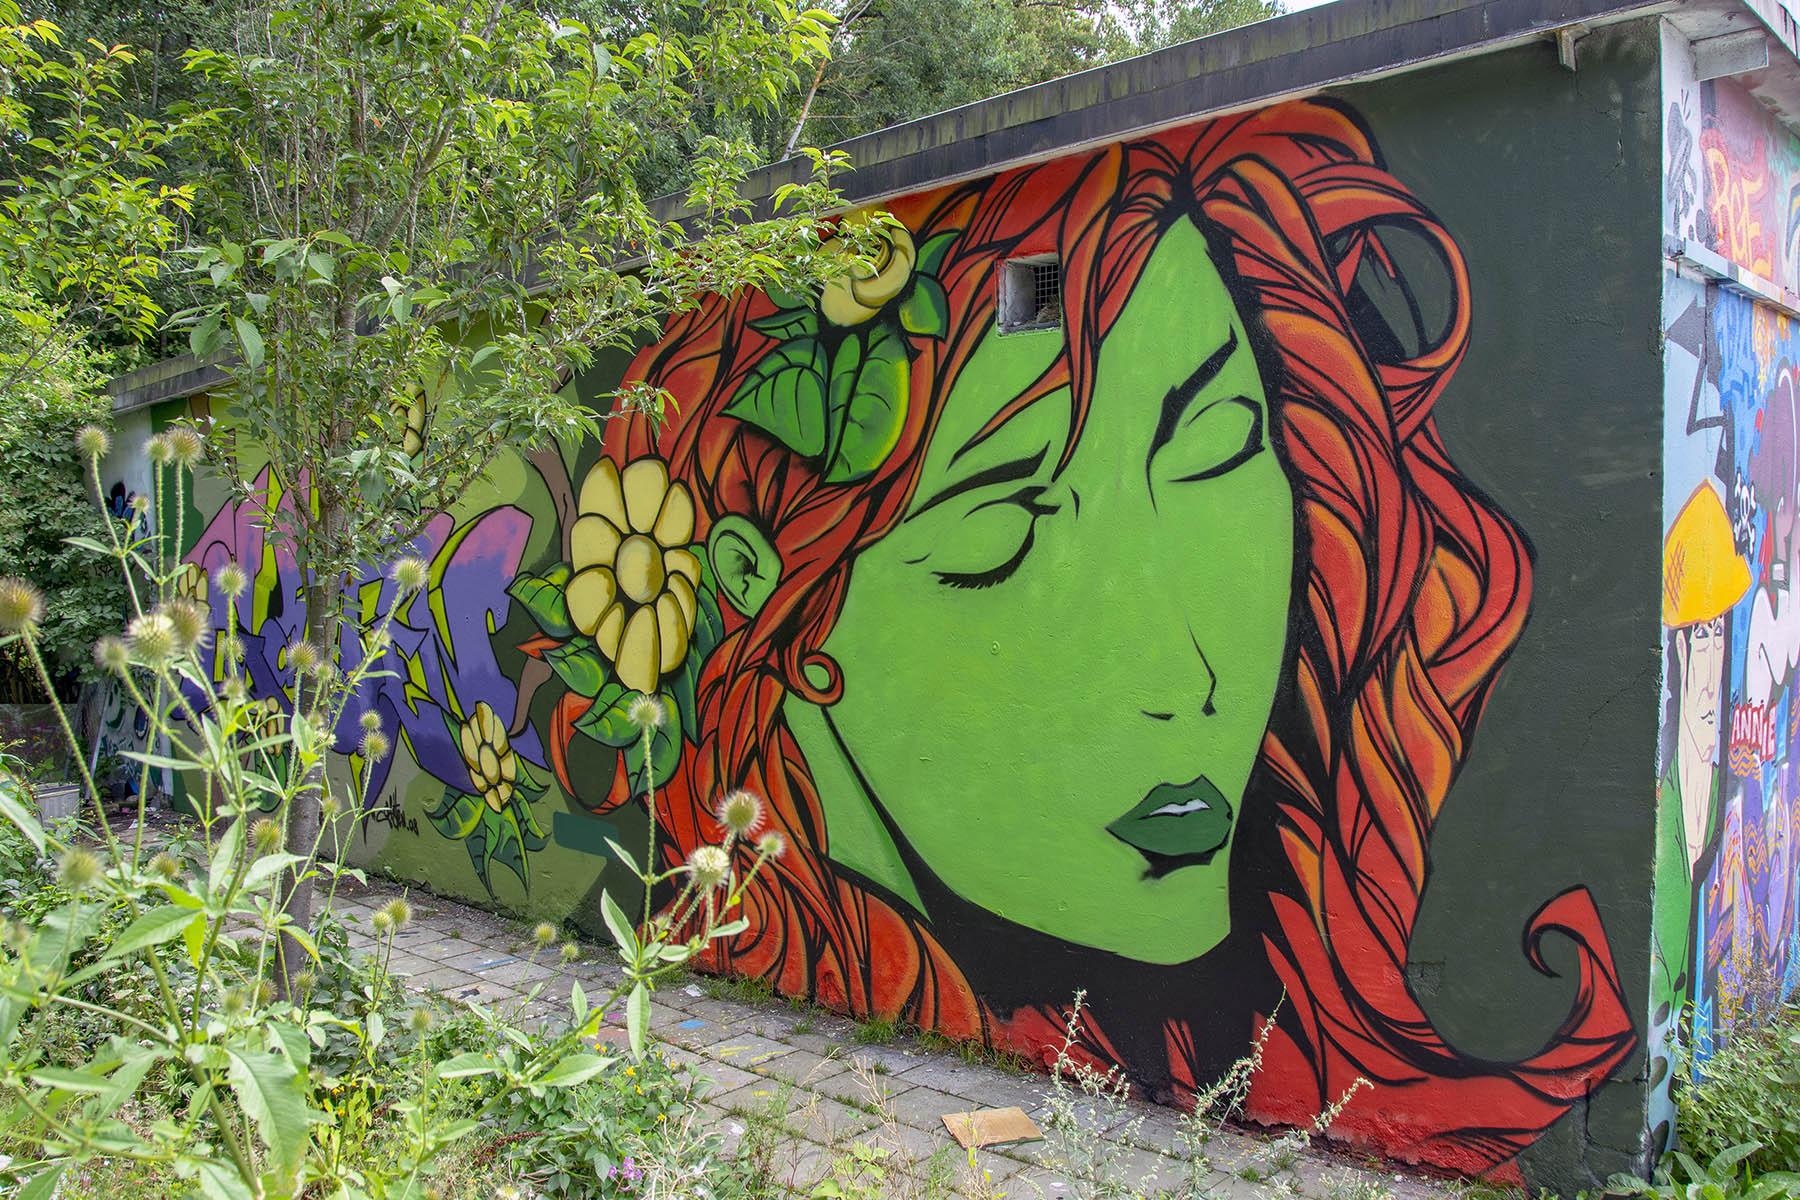 Snösätra gatukonst graffiti Street art